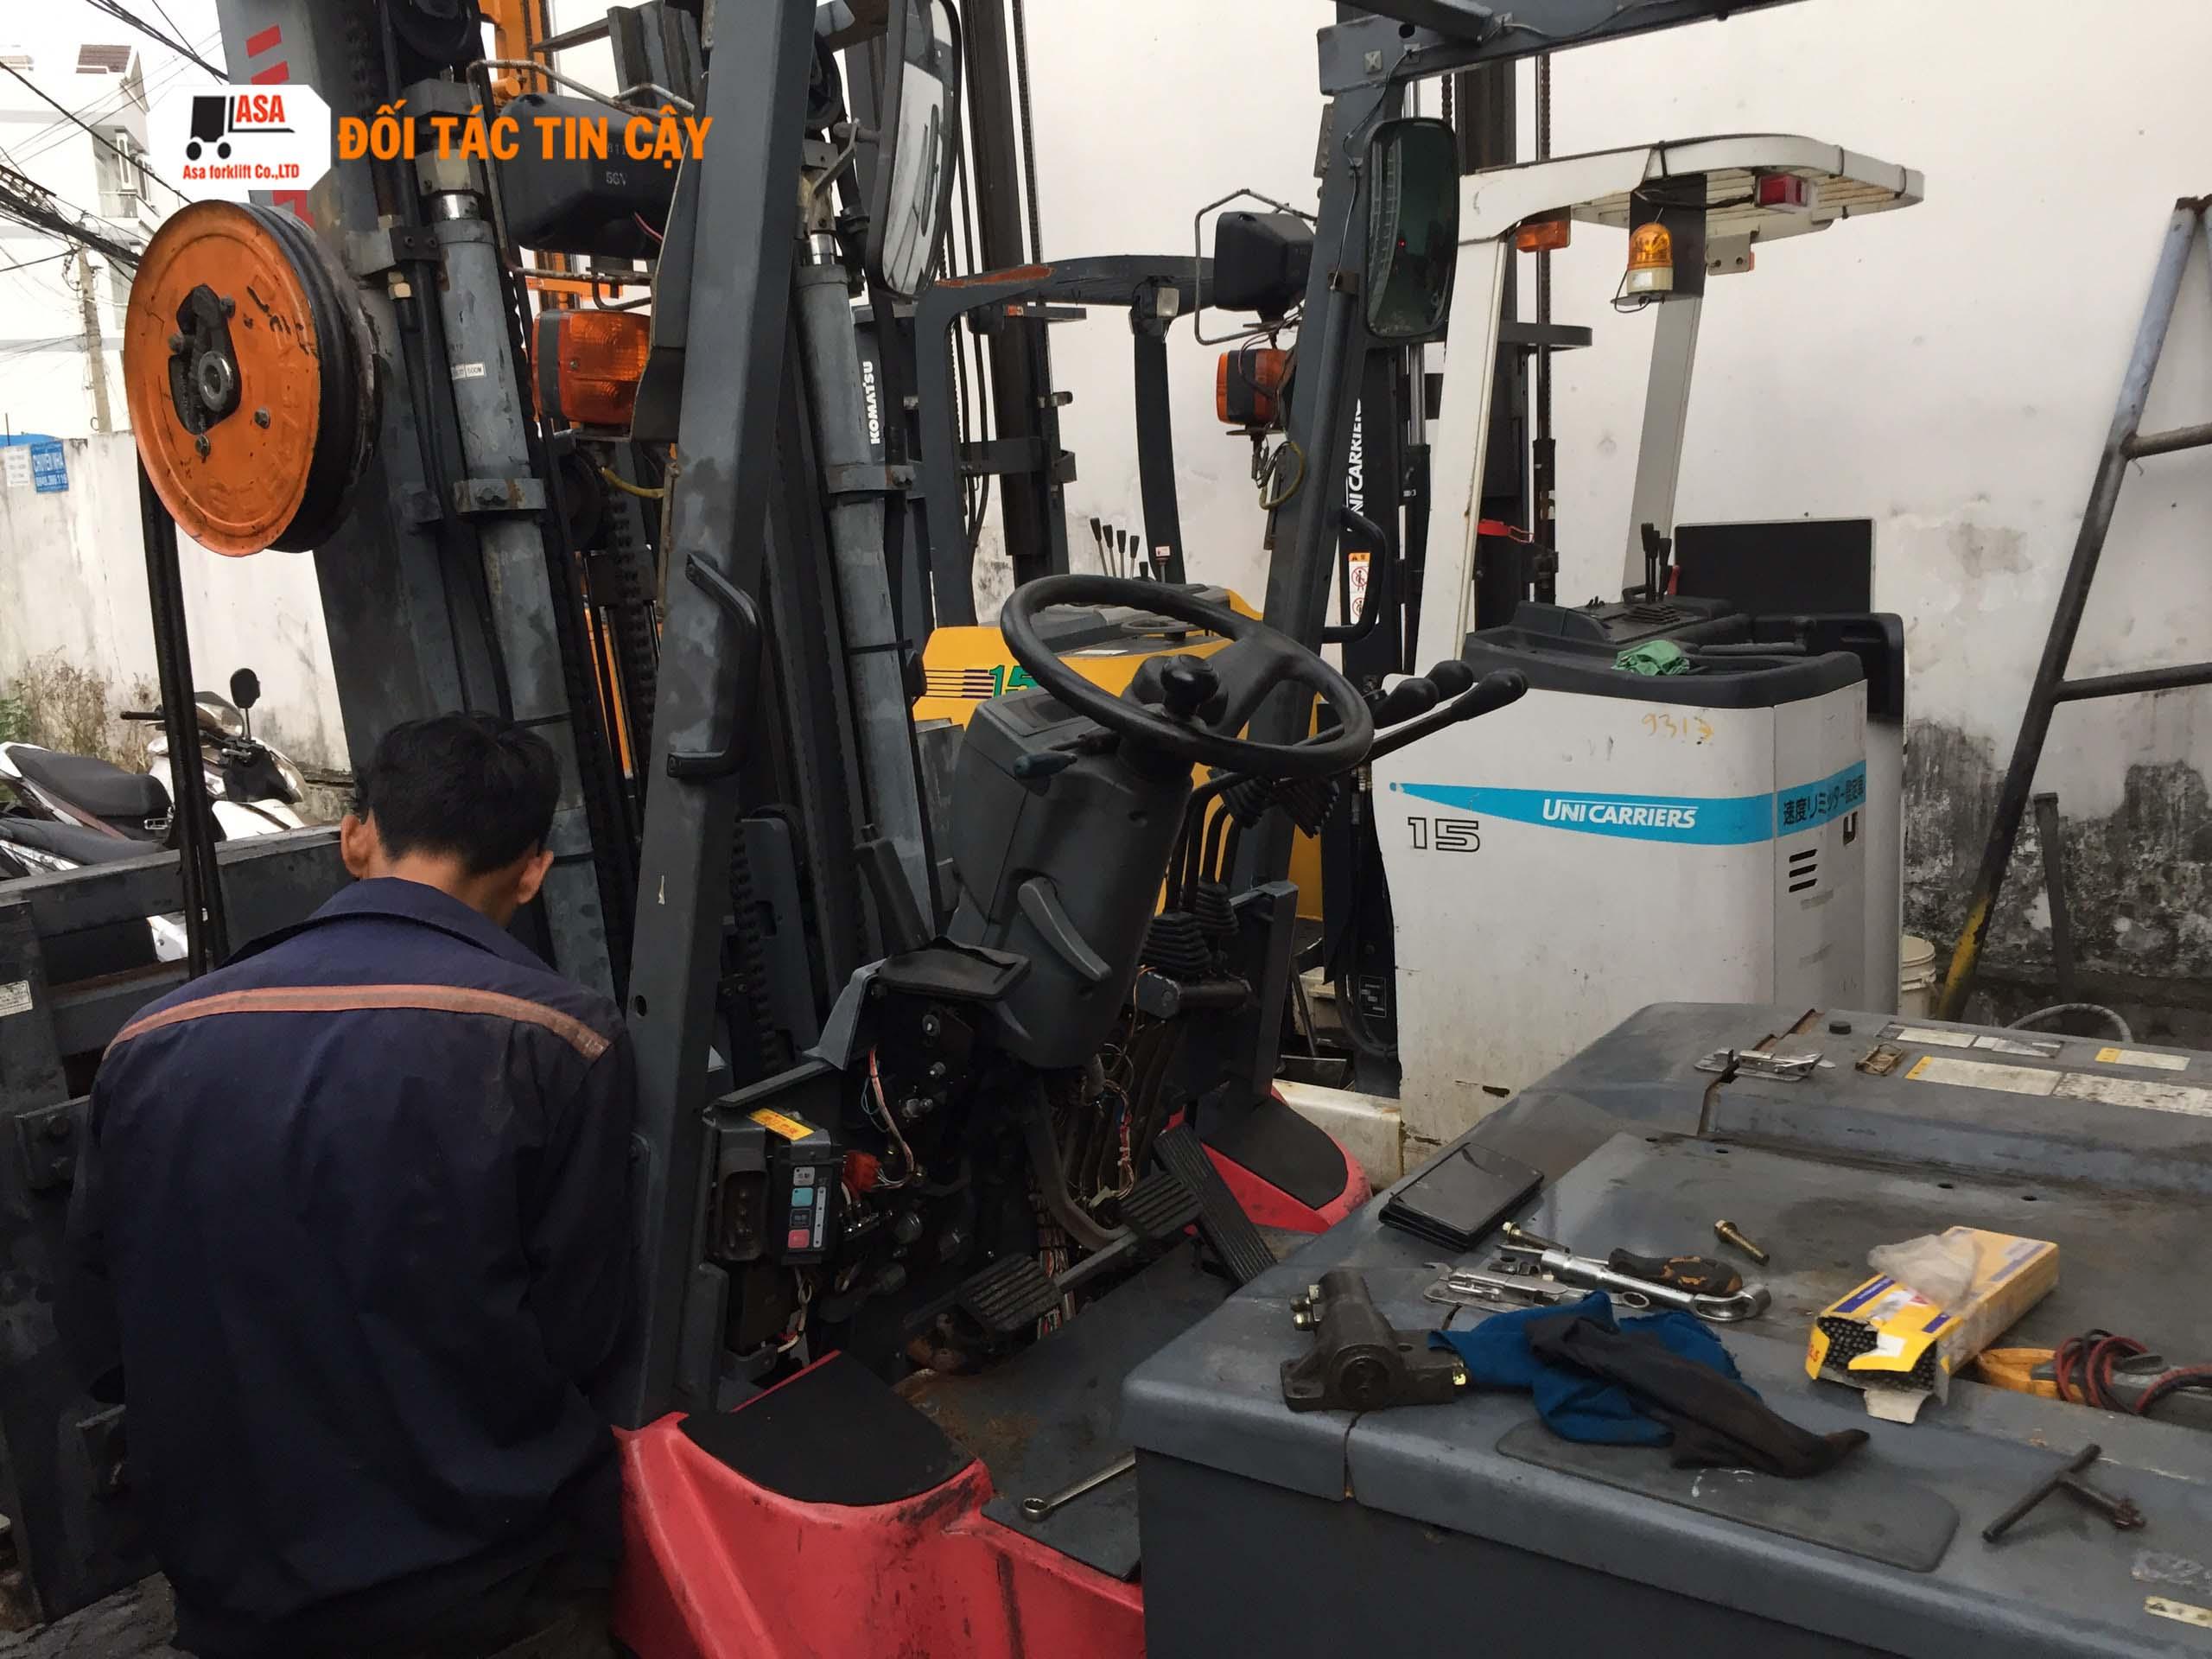 Tại Asa có một quy trình bảo dưỡng xe nâng điện vô cùng chuyên nghiệp nghiệp